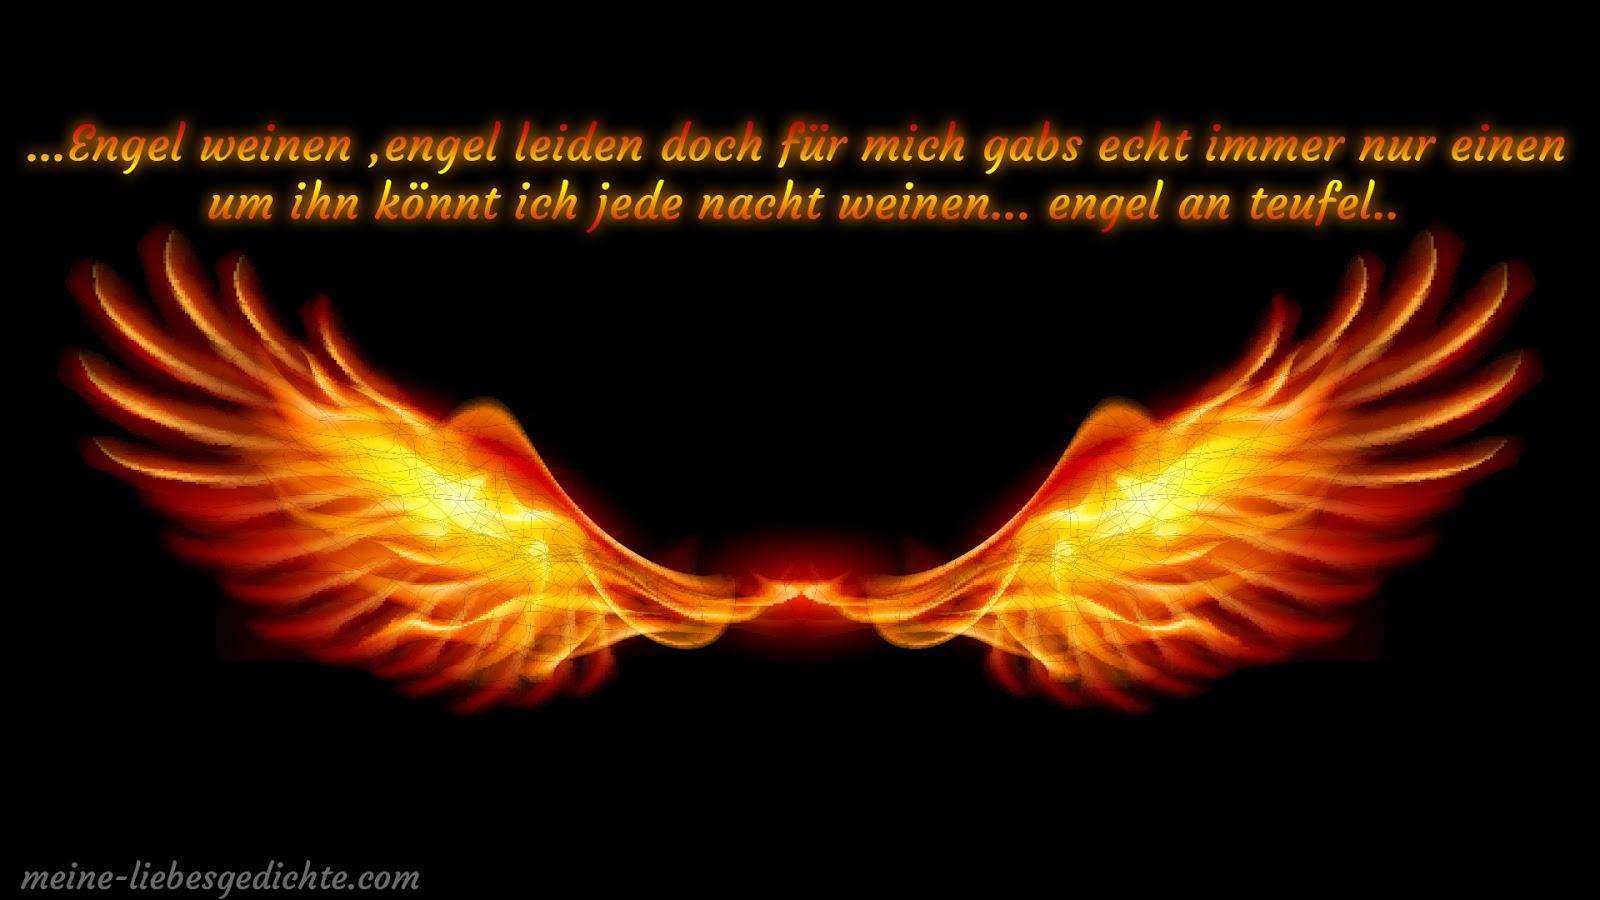 teufel liebt engel